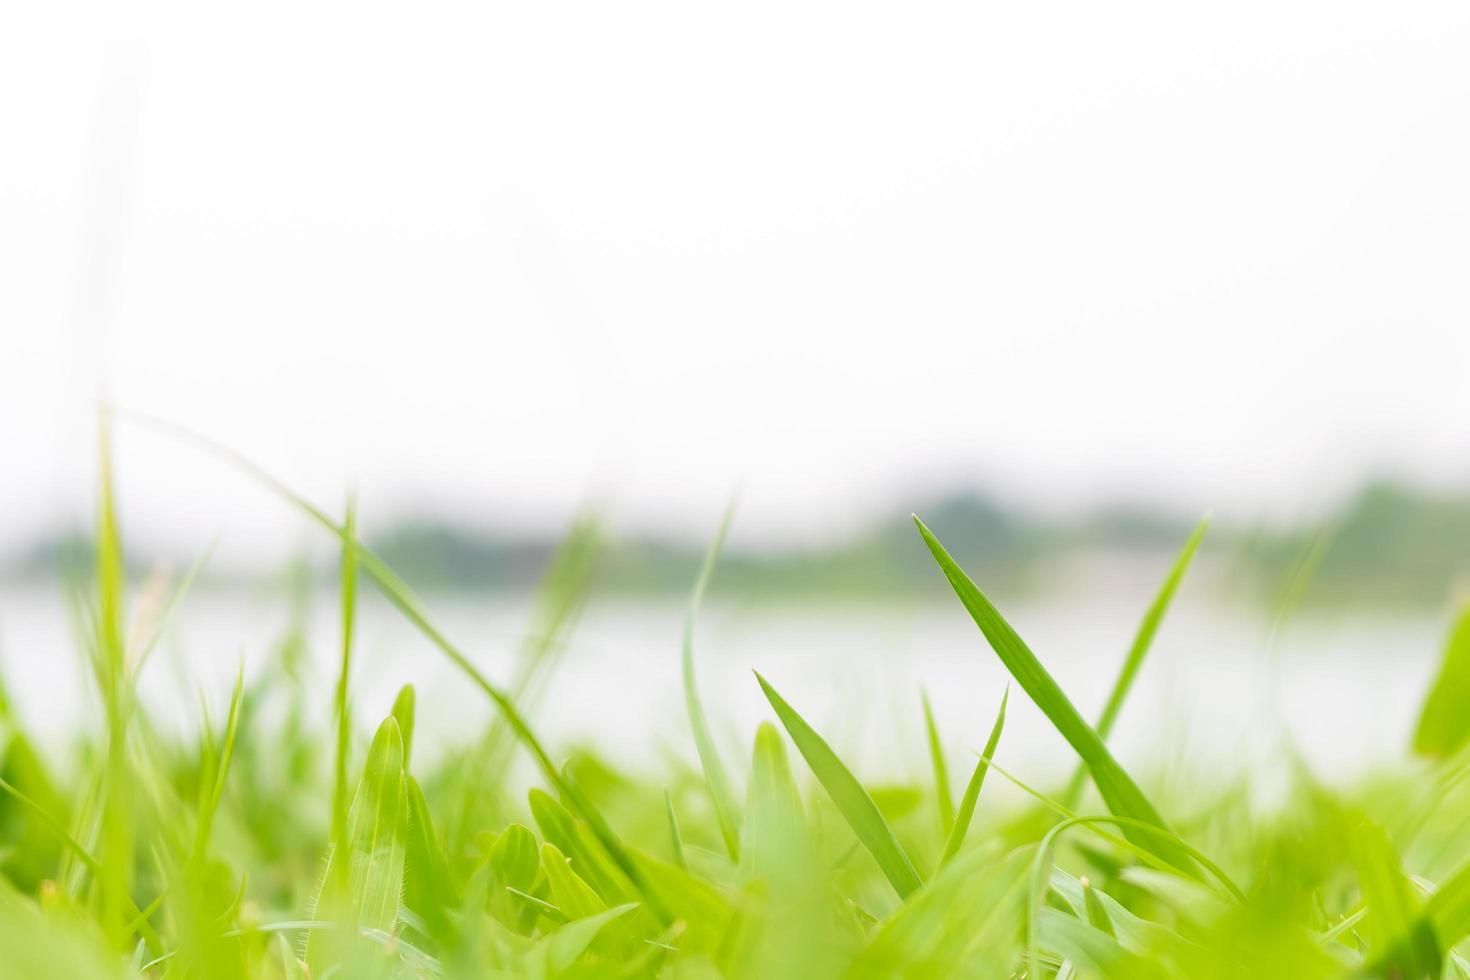 primo piano del campo verde erboso foto